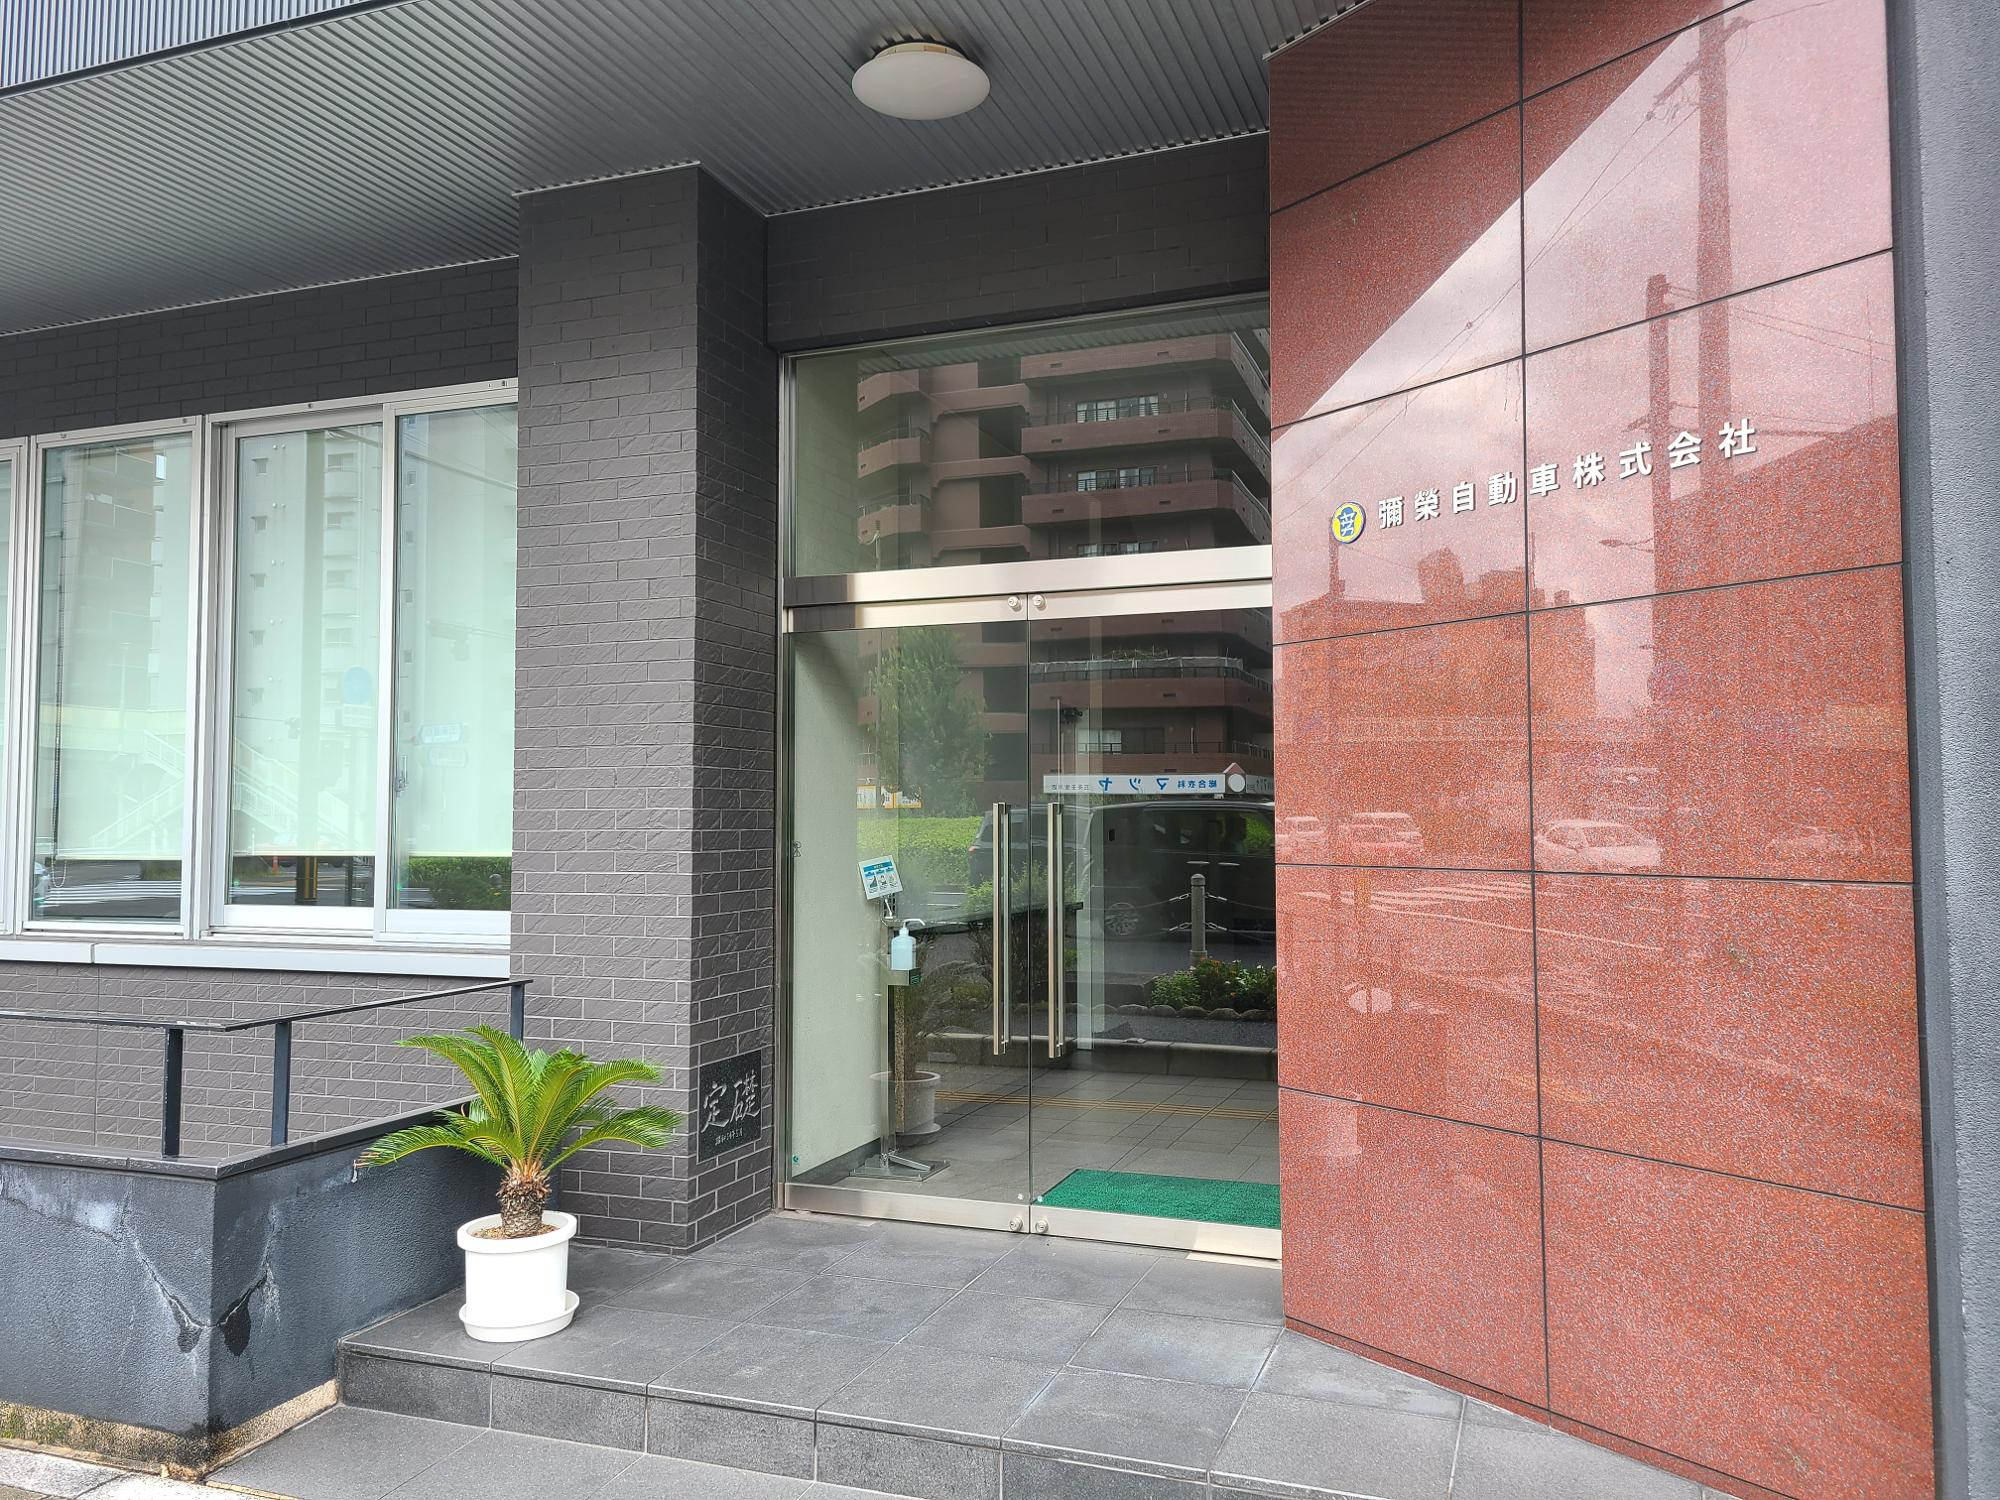 彌榮自動車株式会社